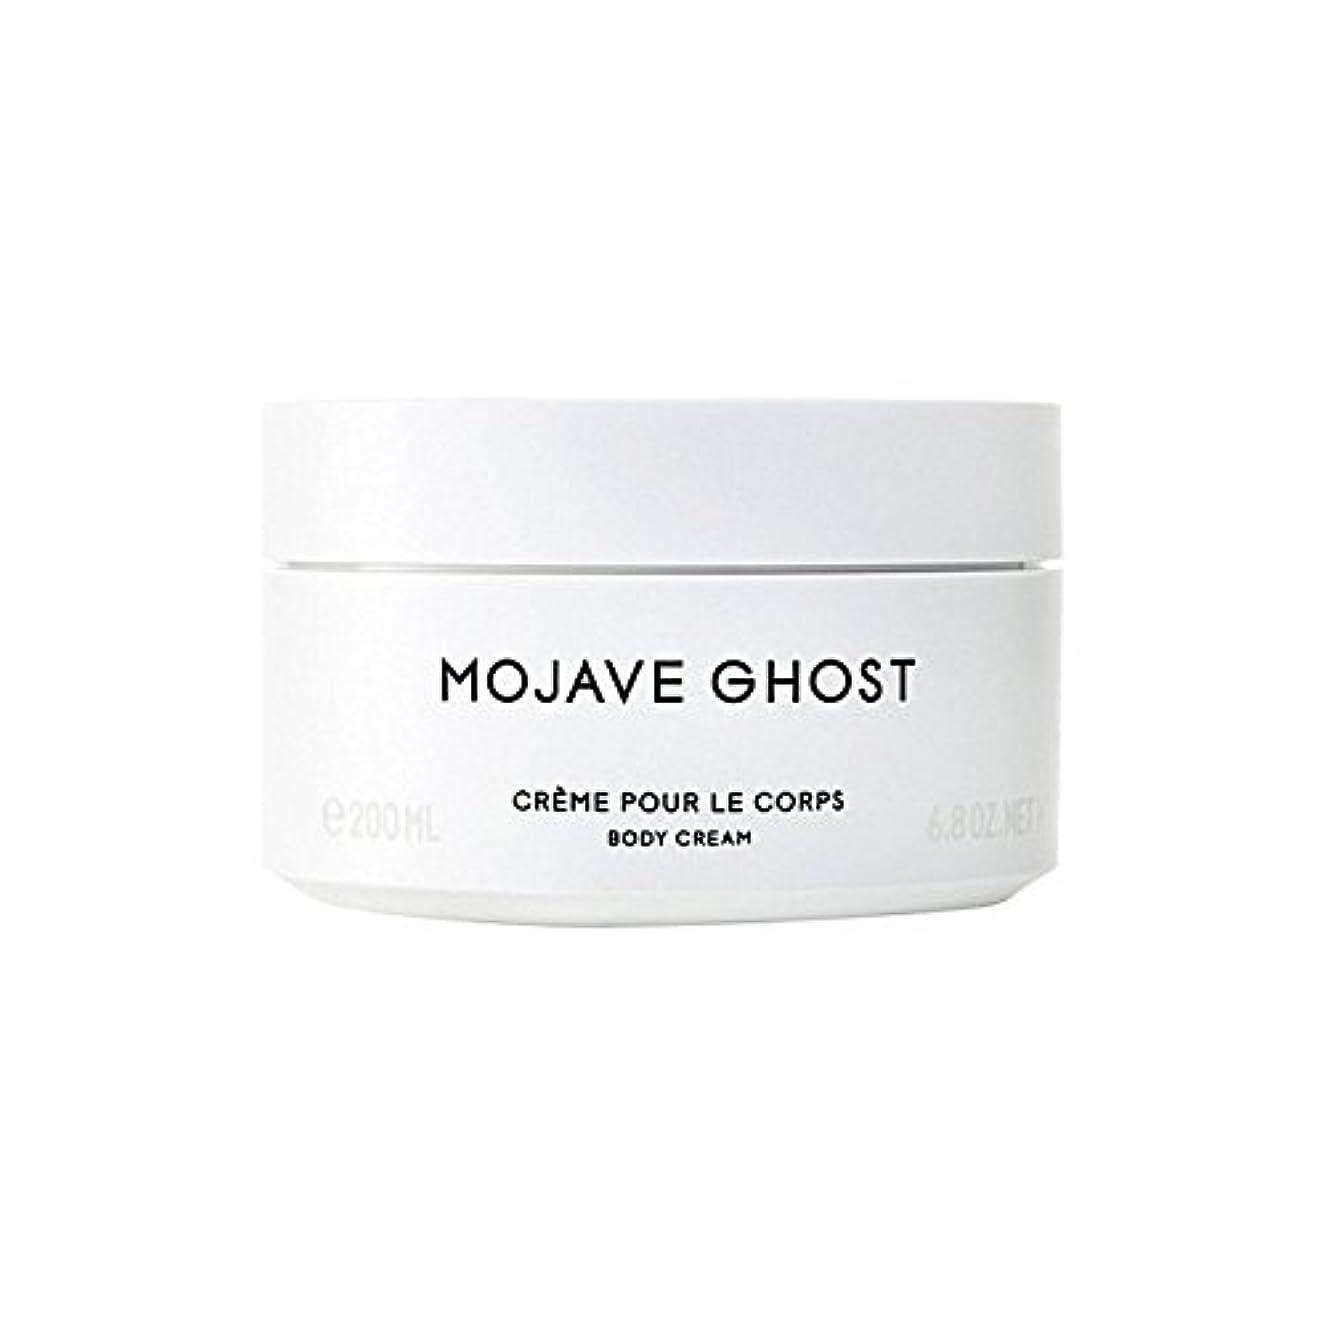 ハンディ先駆者請求書モハーベゴーストボディクリーム200ミリリットル x2 - Byredo Mojave Ghost Body Cream 200ml (Pack of 2) [並行輸入品]